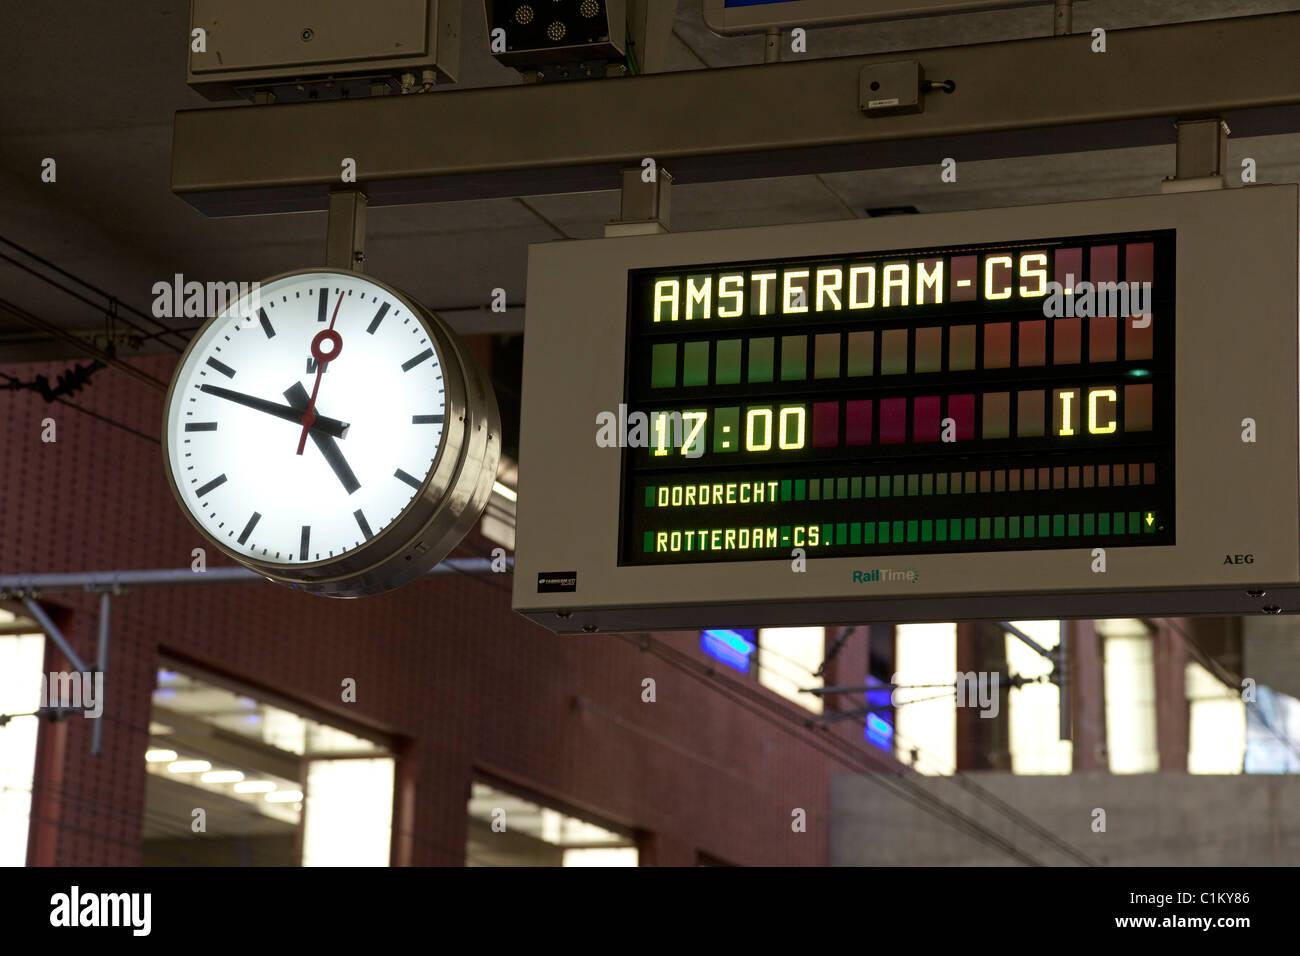 Signe de la station d'Amsterdam avec horloge Photo Stock